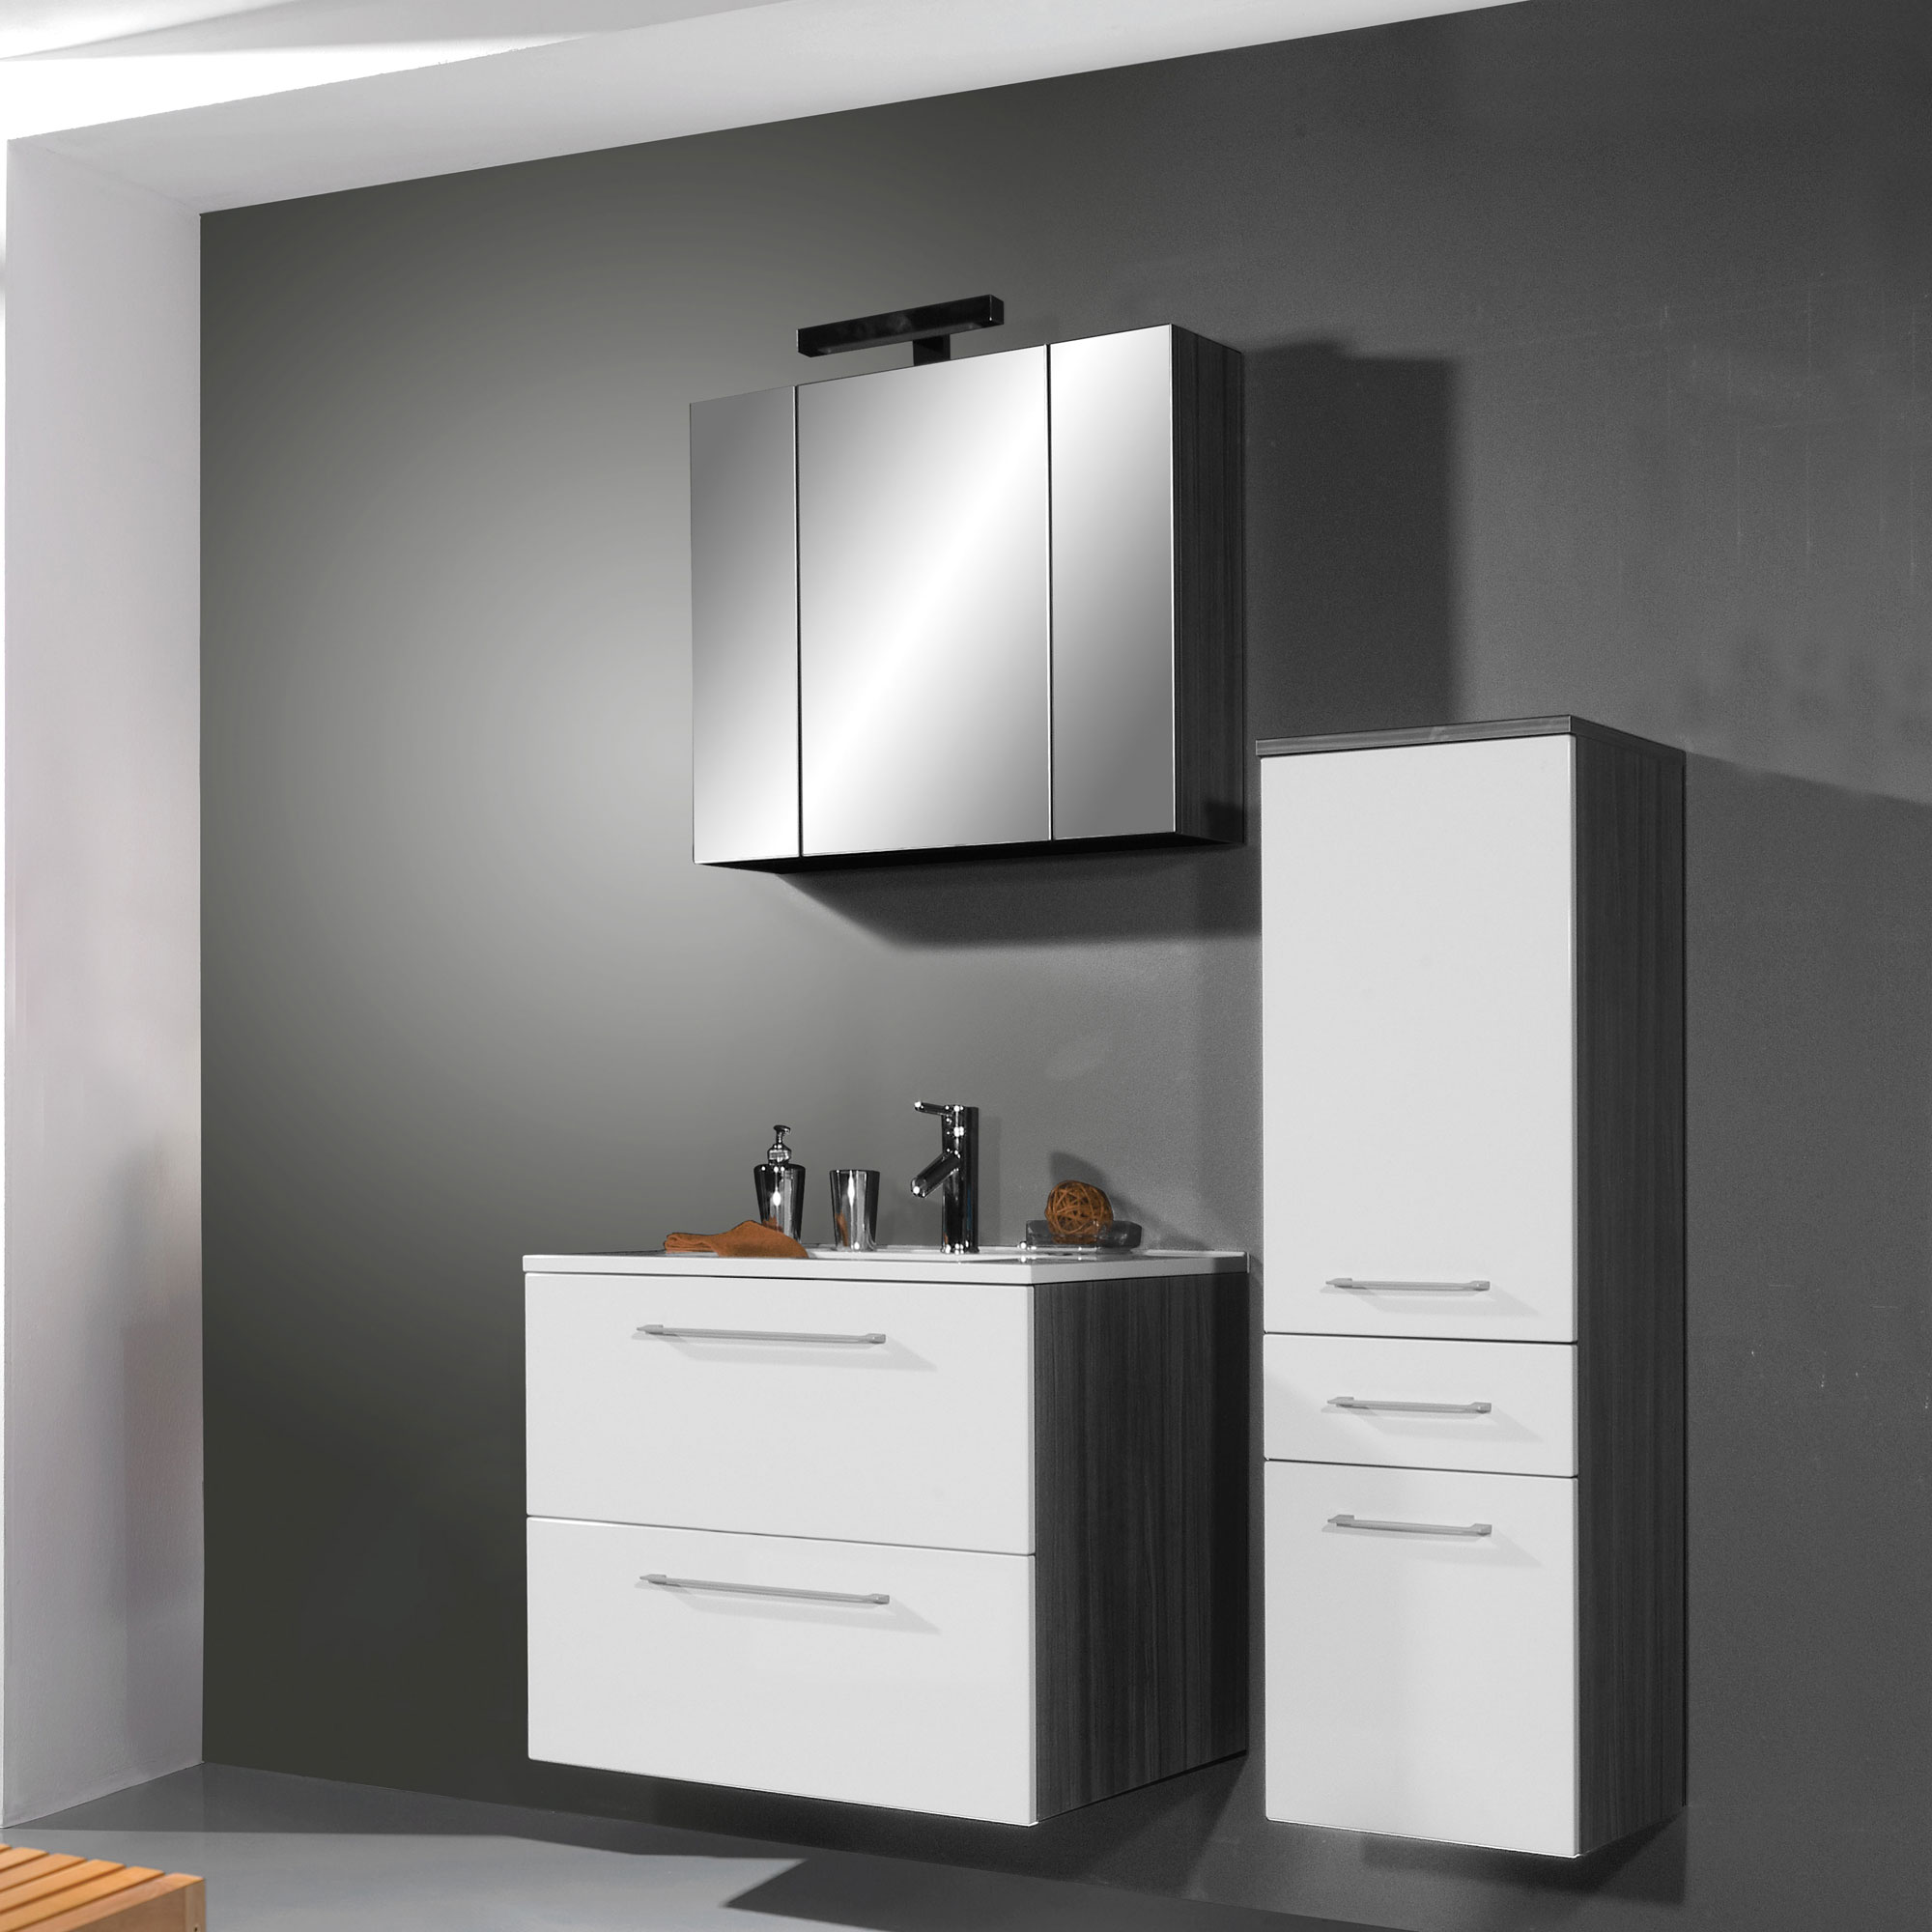 Meuble salle de bain double vasque castorama lavabo salle for Castorama meuble salle de bain avec vasque